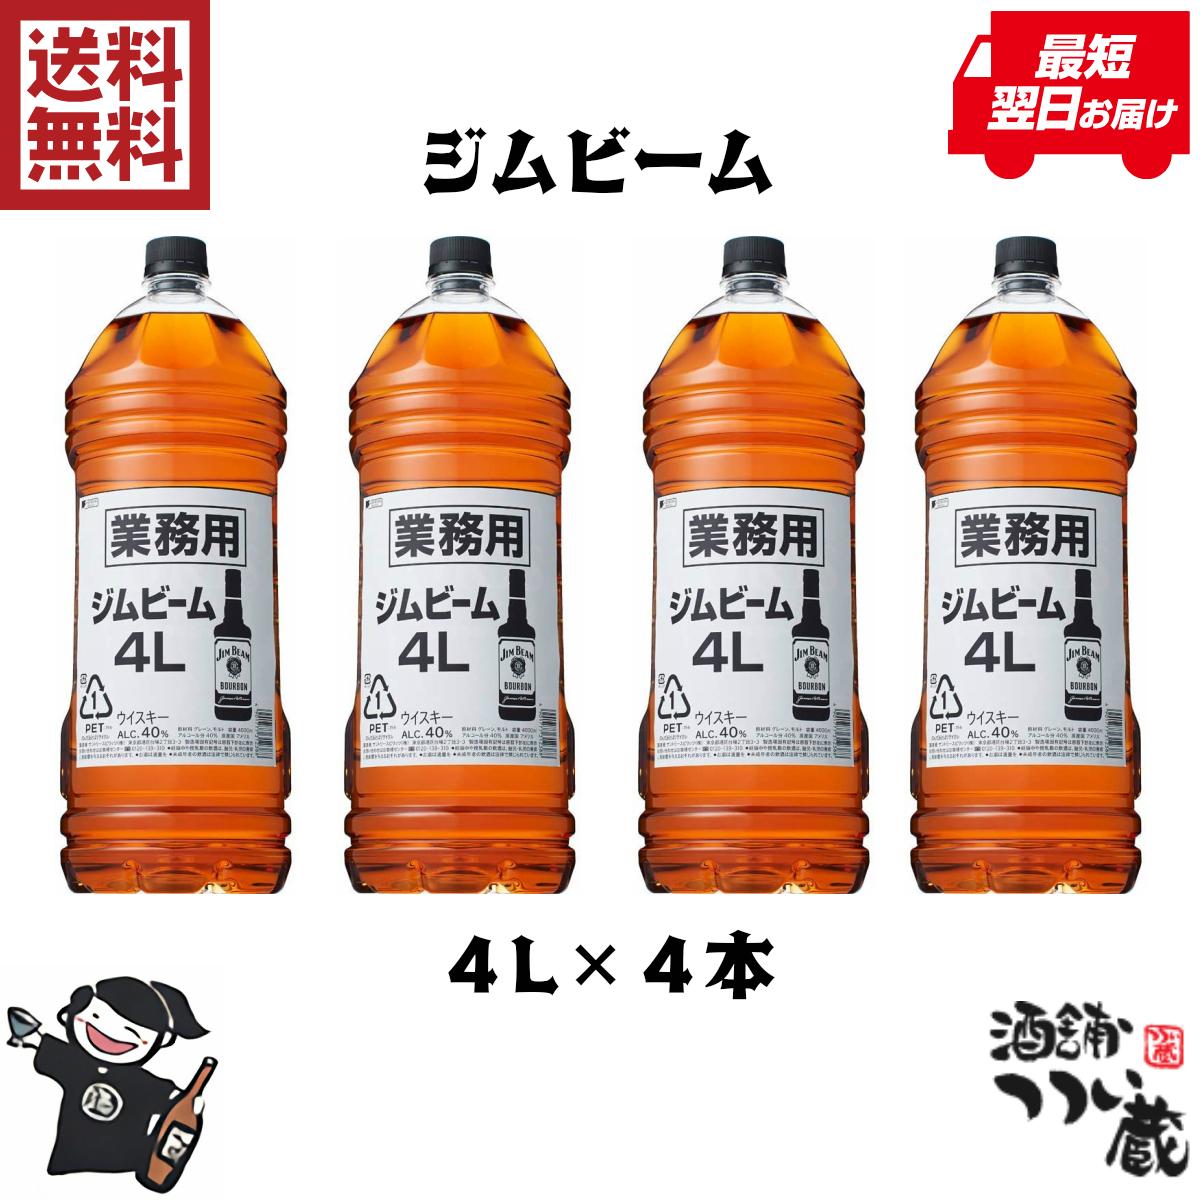 【送料無料】ジムビーム 4L 4本 4000ml 40度 ウィスキー バーボン